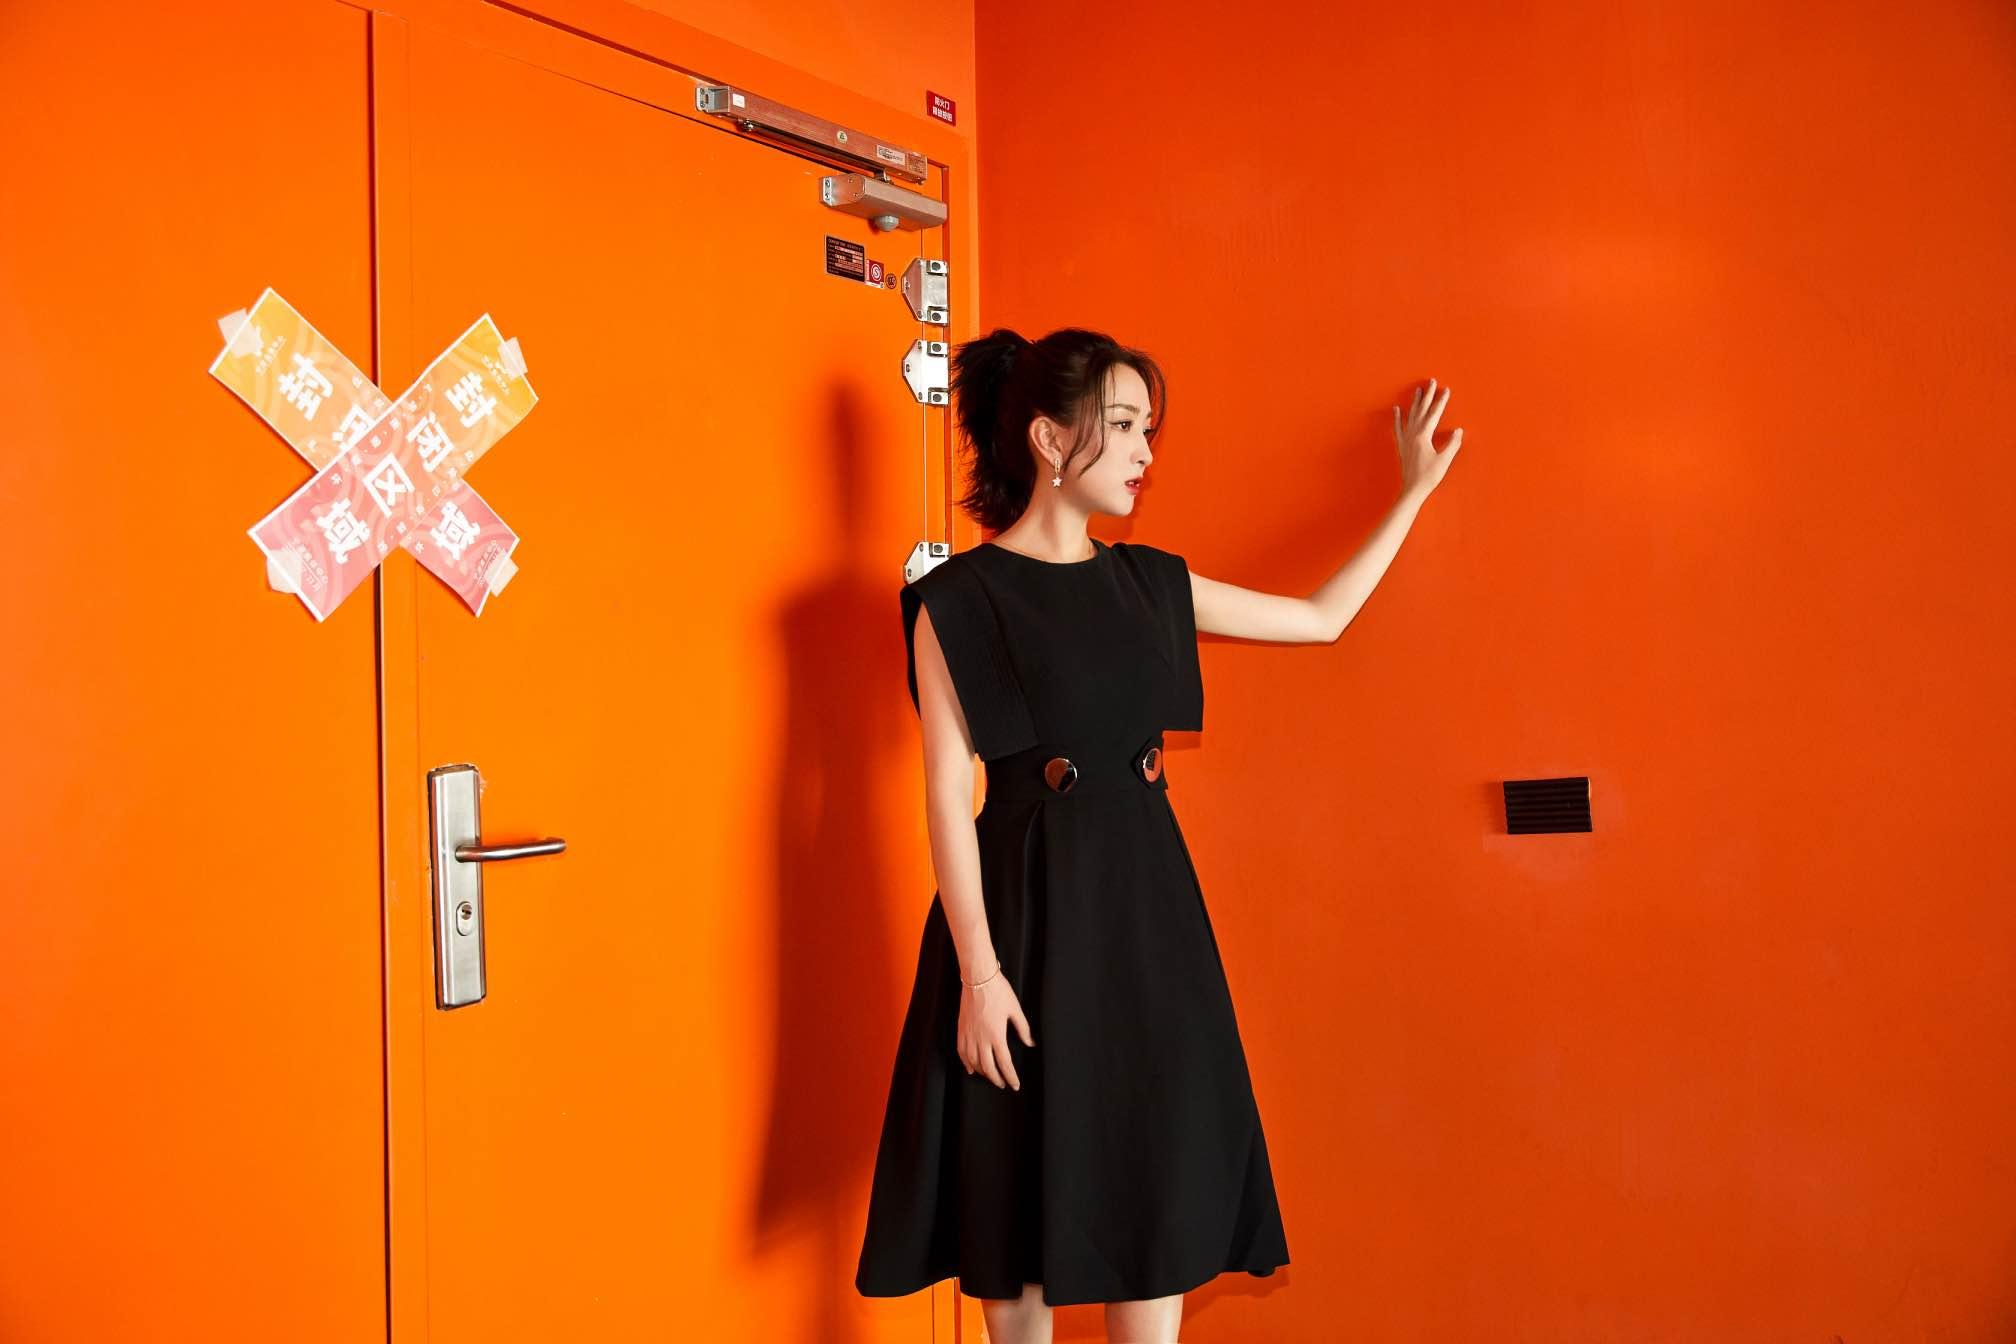 马苏出席第九届大学生电视节 见证时代魅力传递励志精神